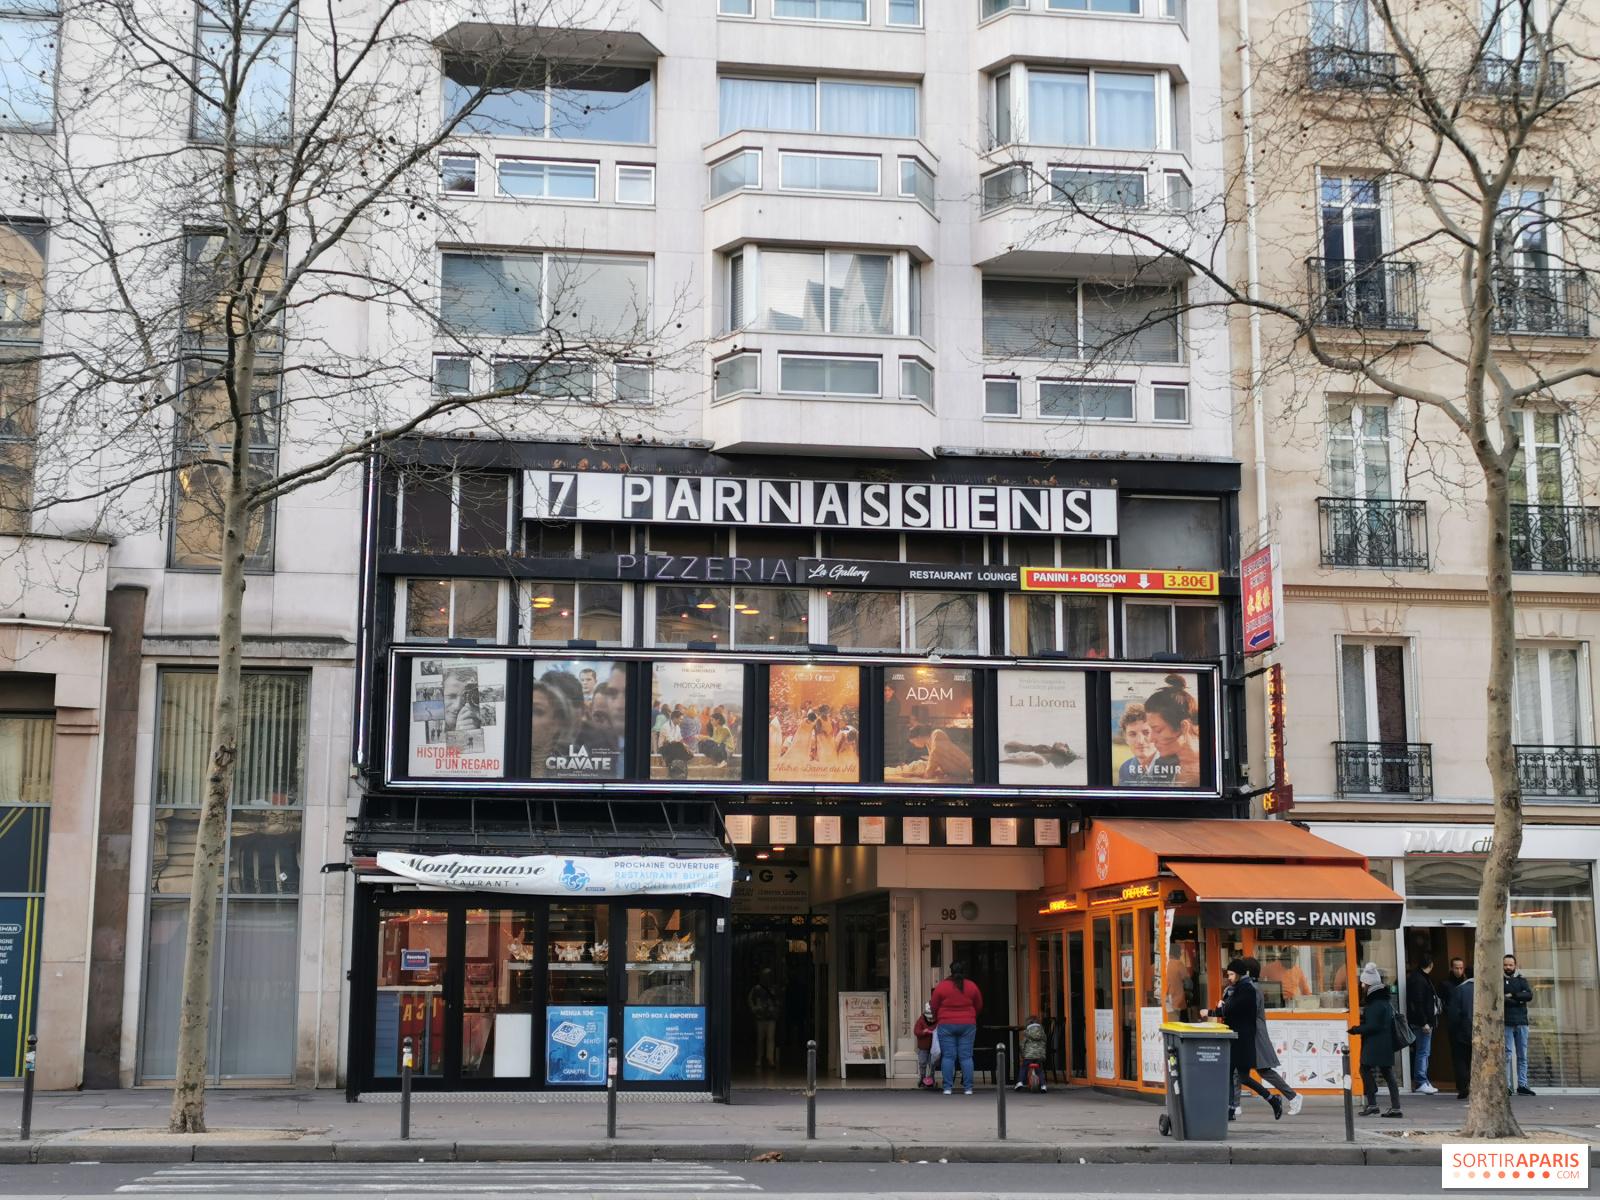 Le cinéma les 10 Parnassiens dans le quartier de Montparnasse